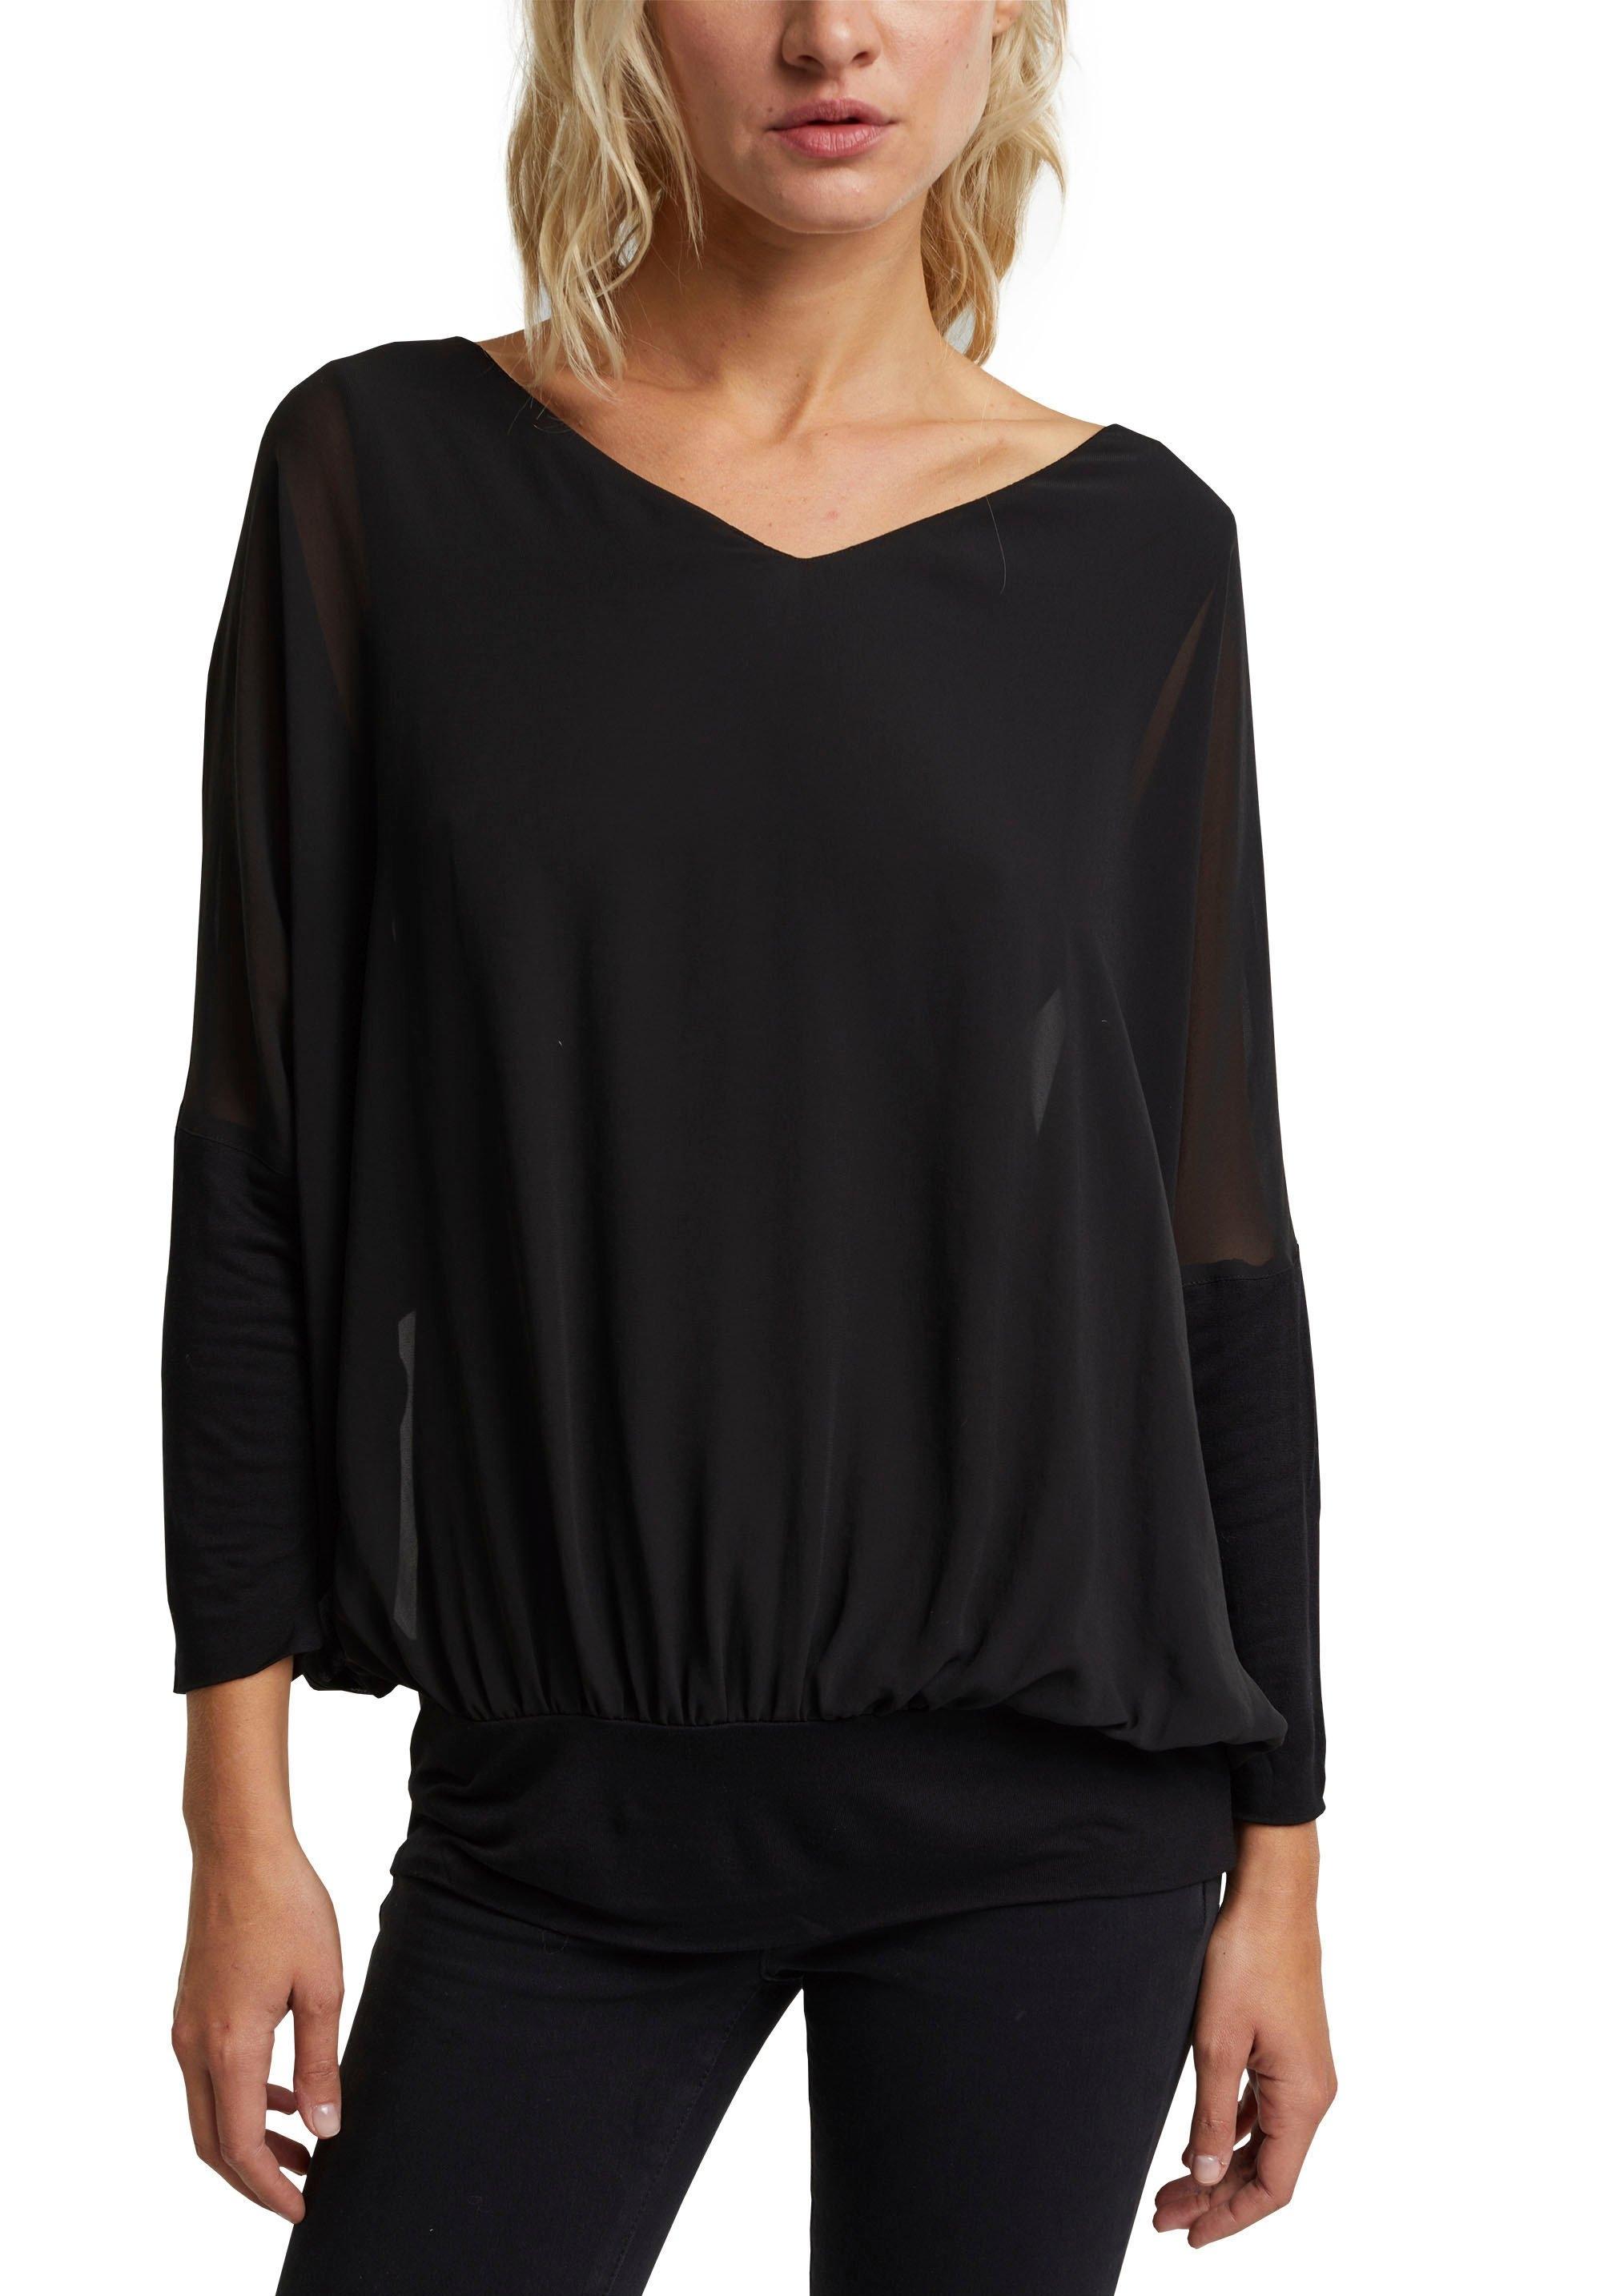 ESPRIT blouse zonder sluiting - gratis ruilen op otto.nl